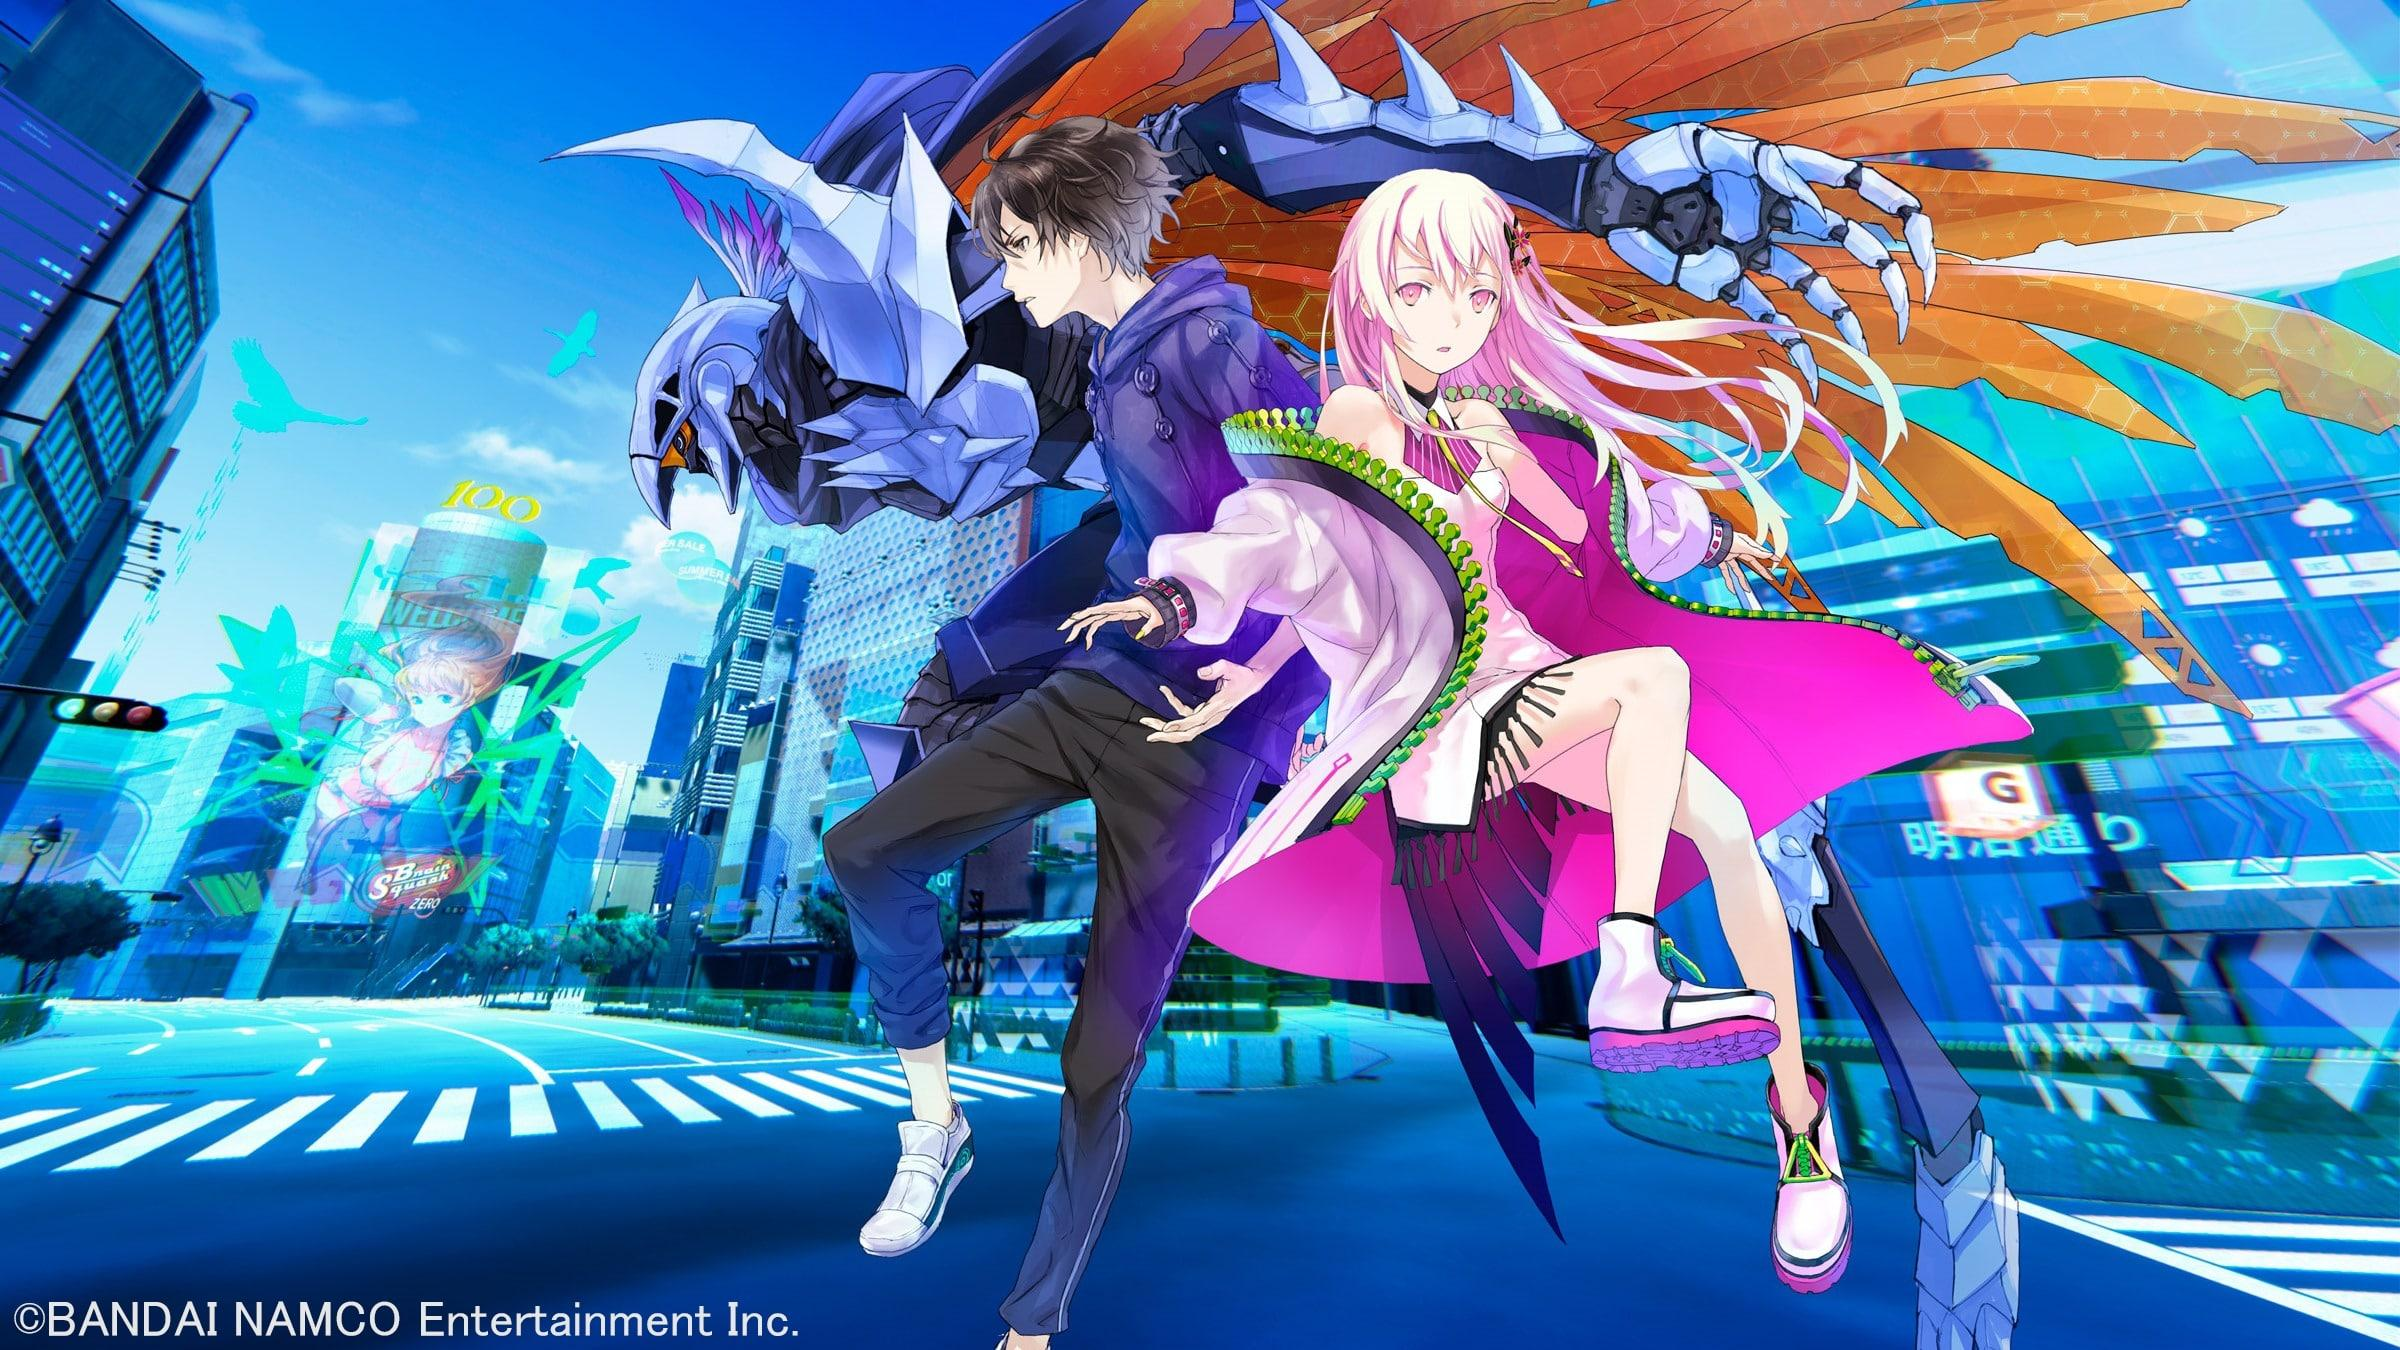 剧情党手游玩家福音 日本游戏协会推出新企划